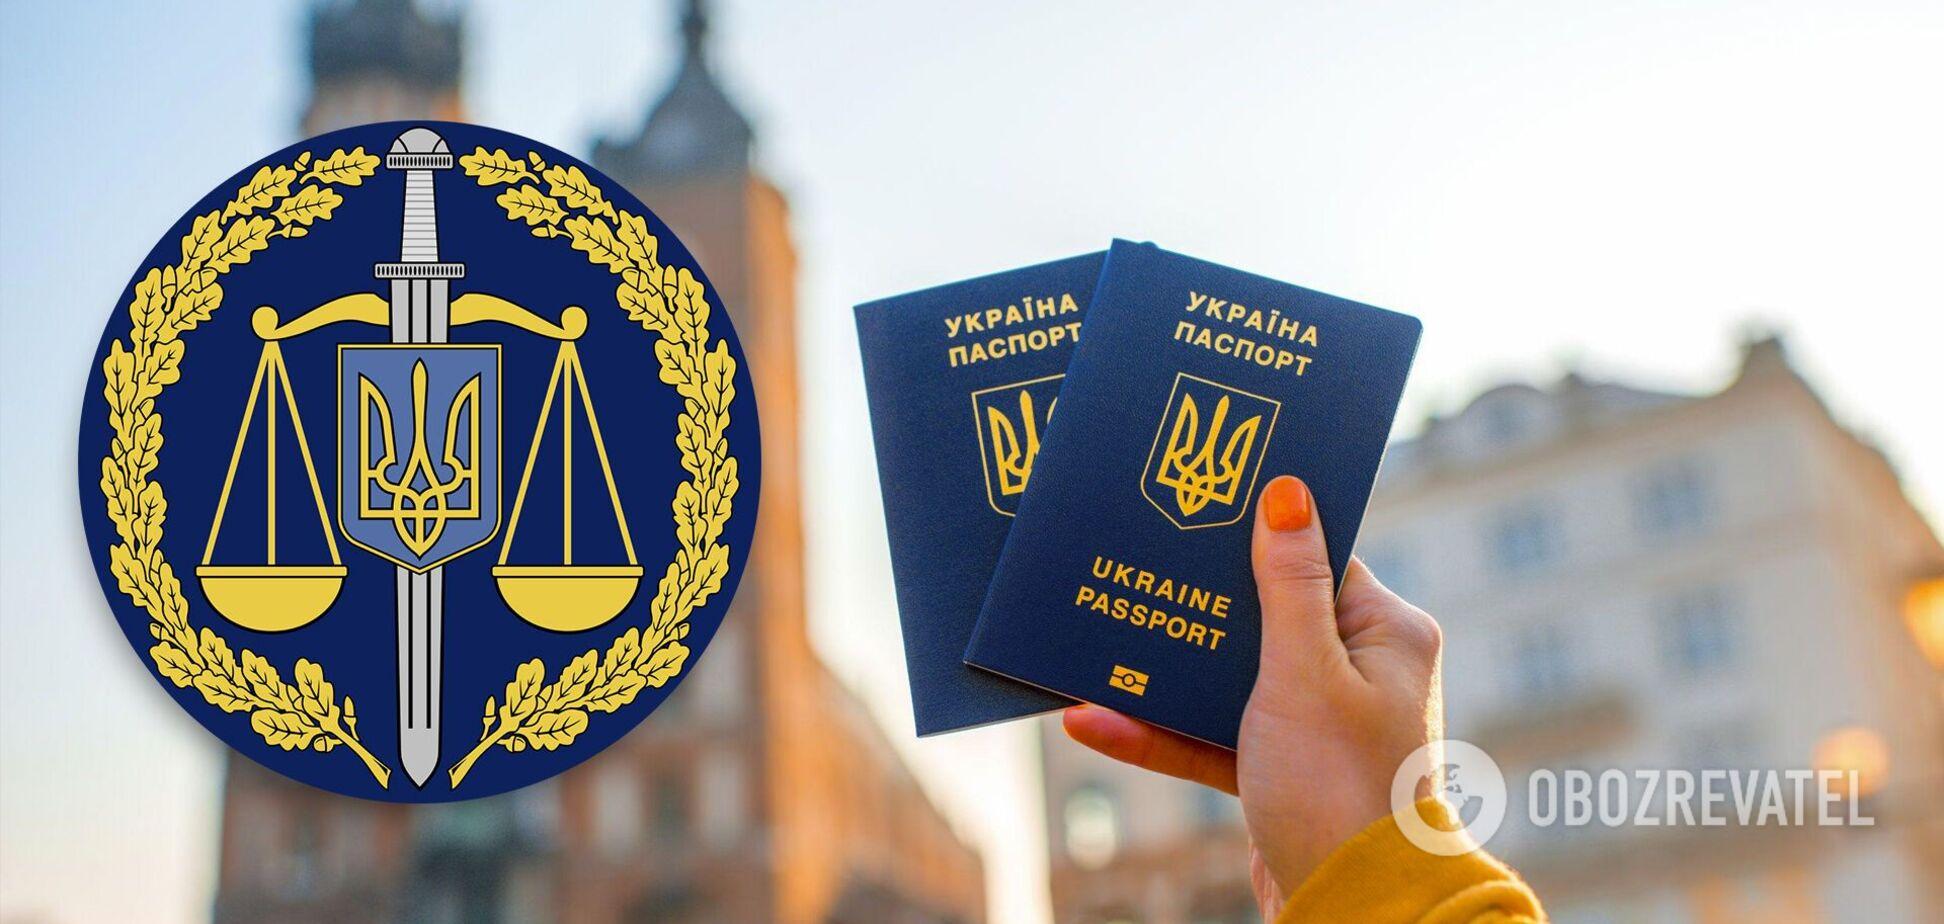 'Передостаннє китайське попередження!' Чи може Україна втратити безвіз із ЄС через САП